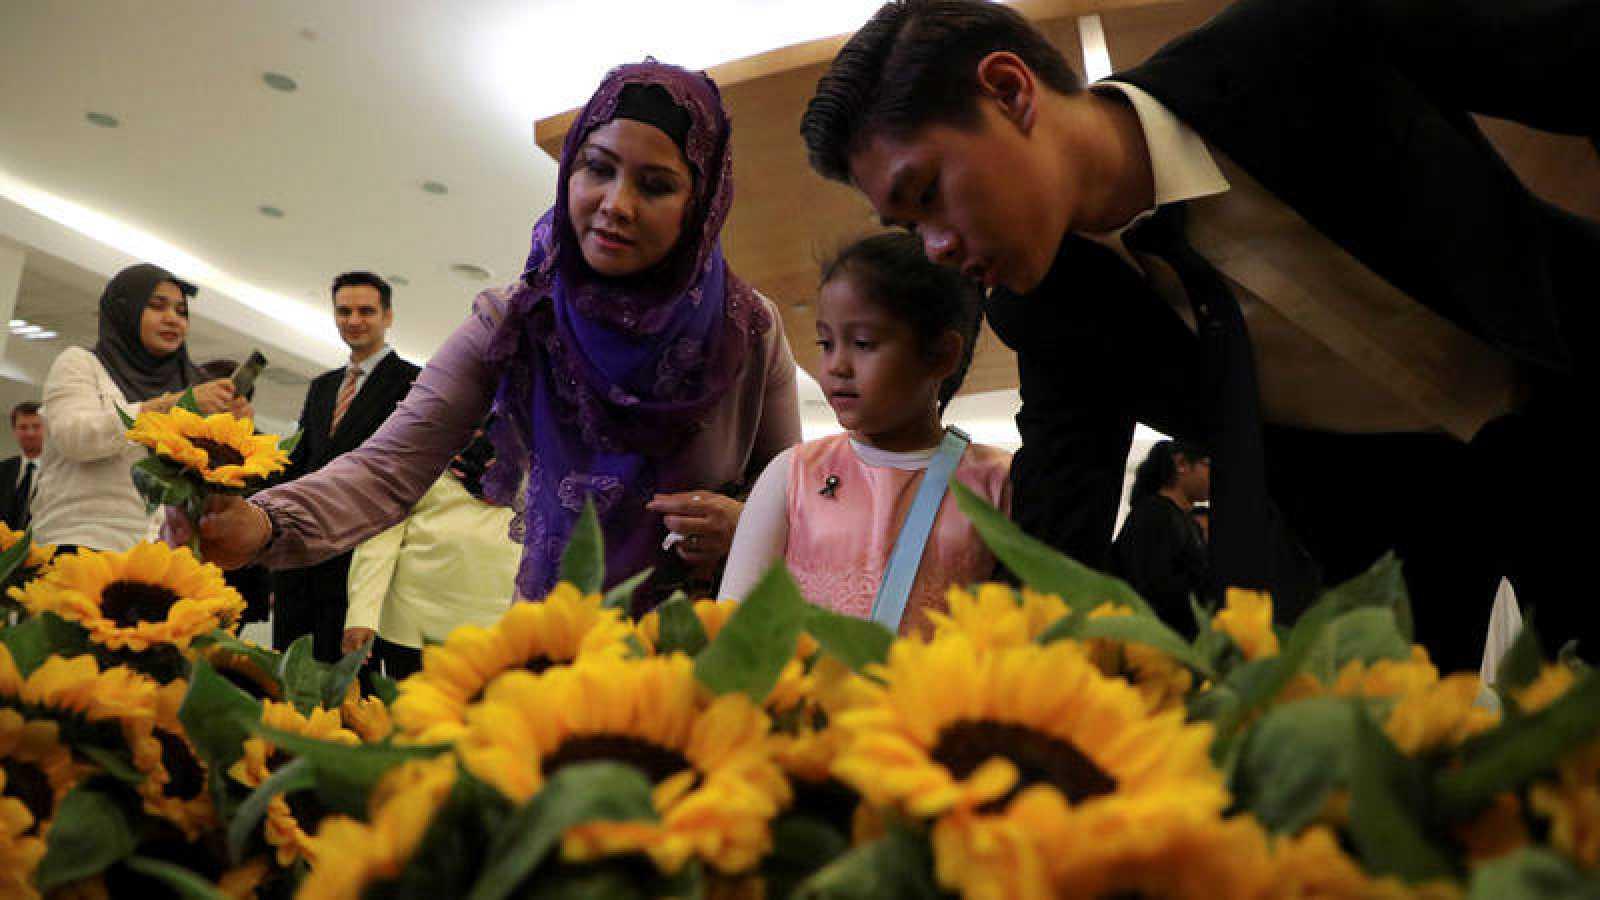 Girasoles y justicia para conmemorar los cinco años sin los 298 pasajeros que viajaban en el vuelo MH17